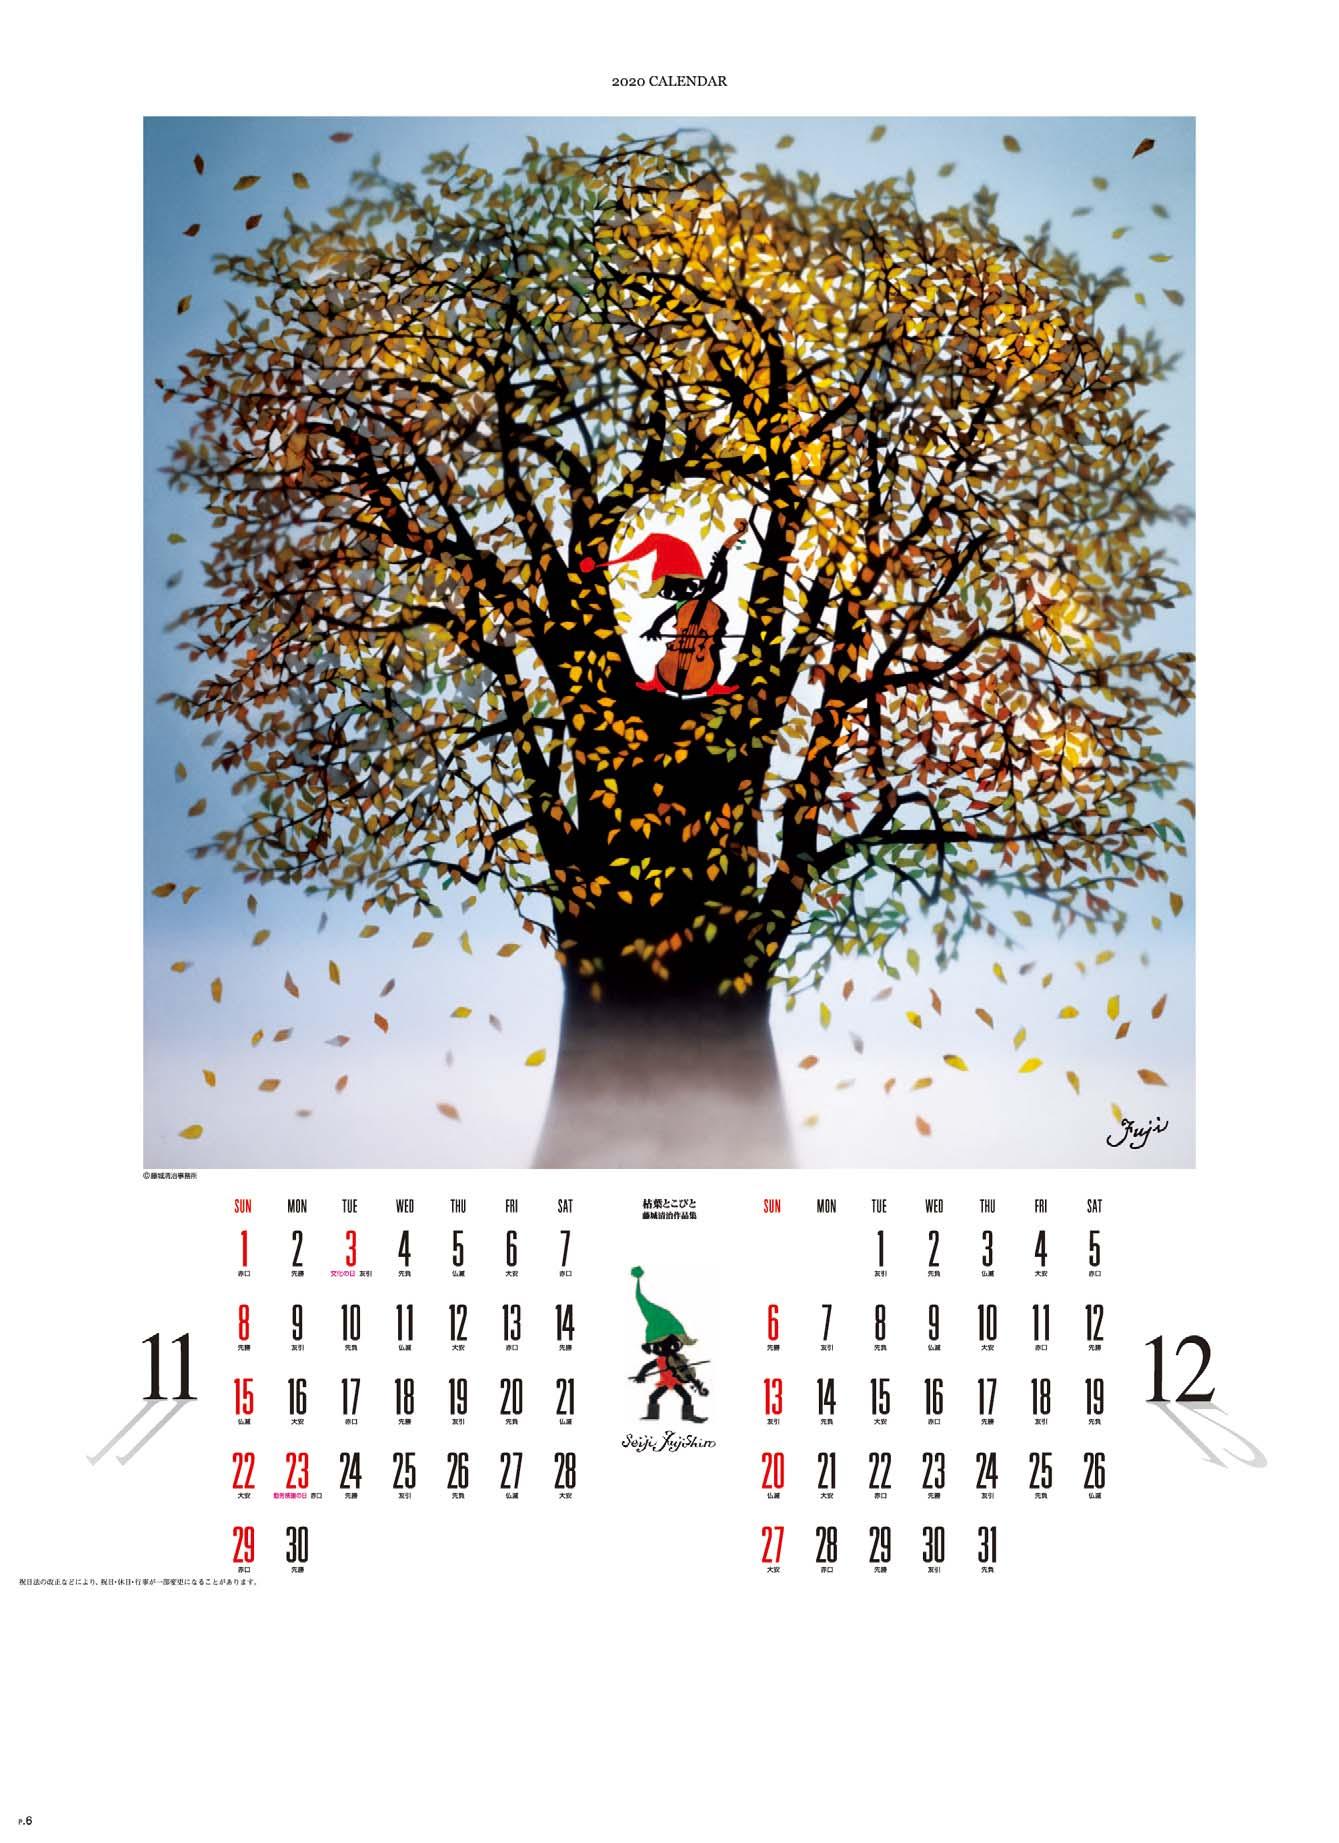 画像:枯葉とこびと 遠い日の風景から(影絵)  藤城清治 2020年カレンダー